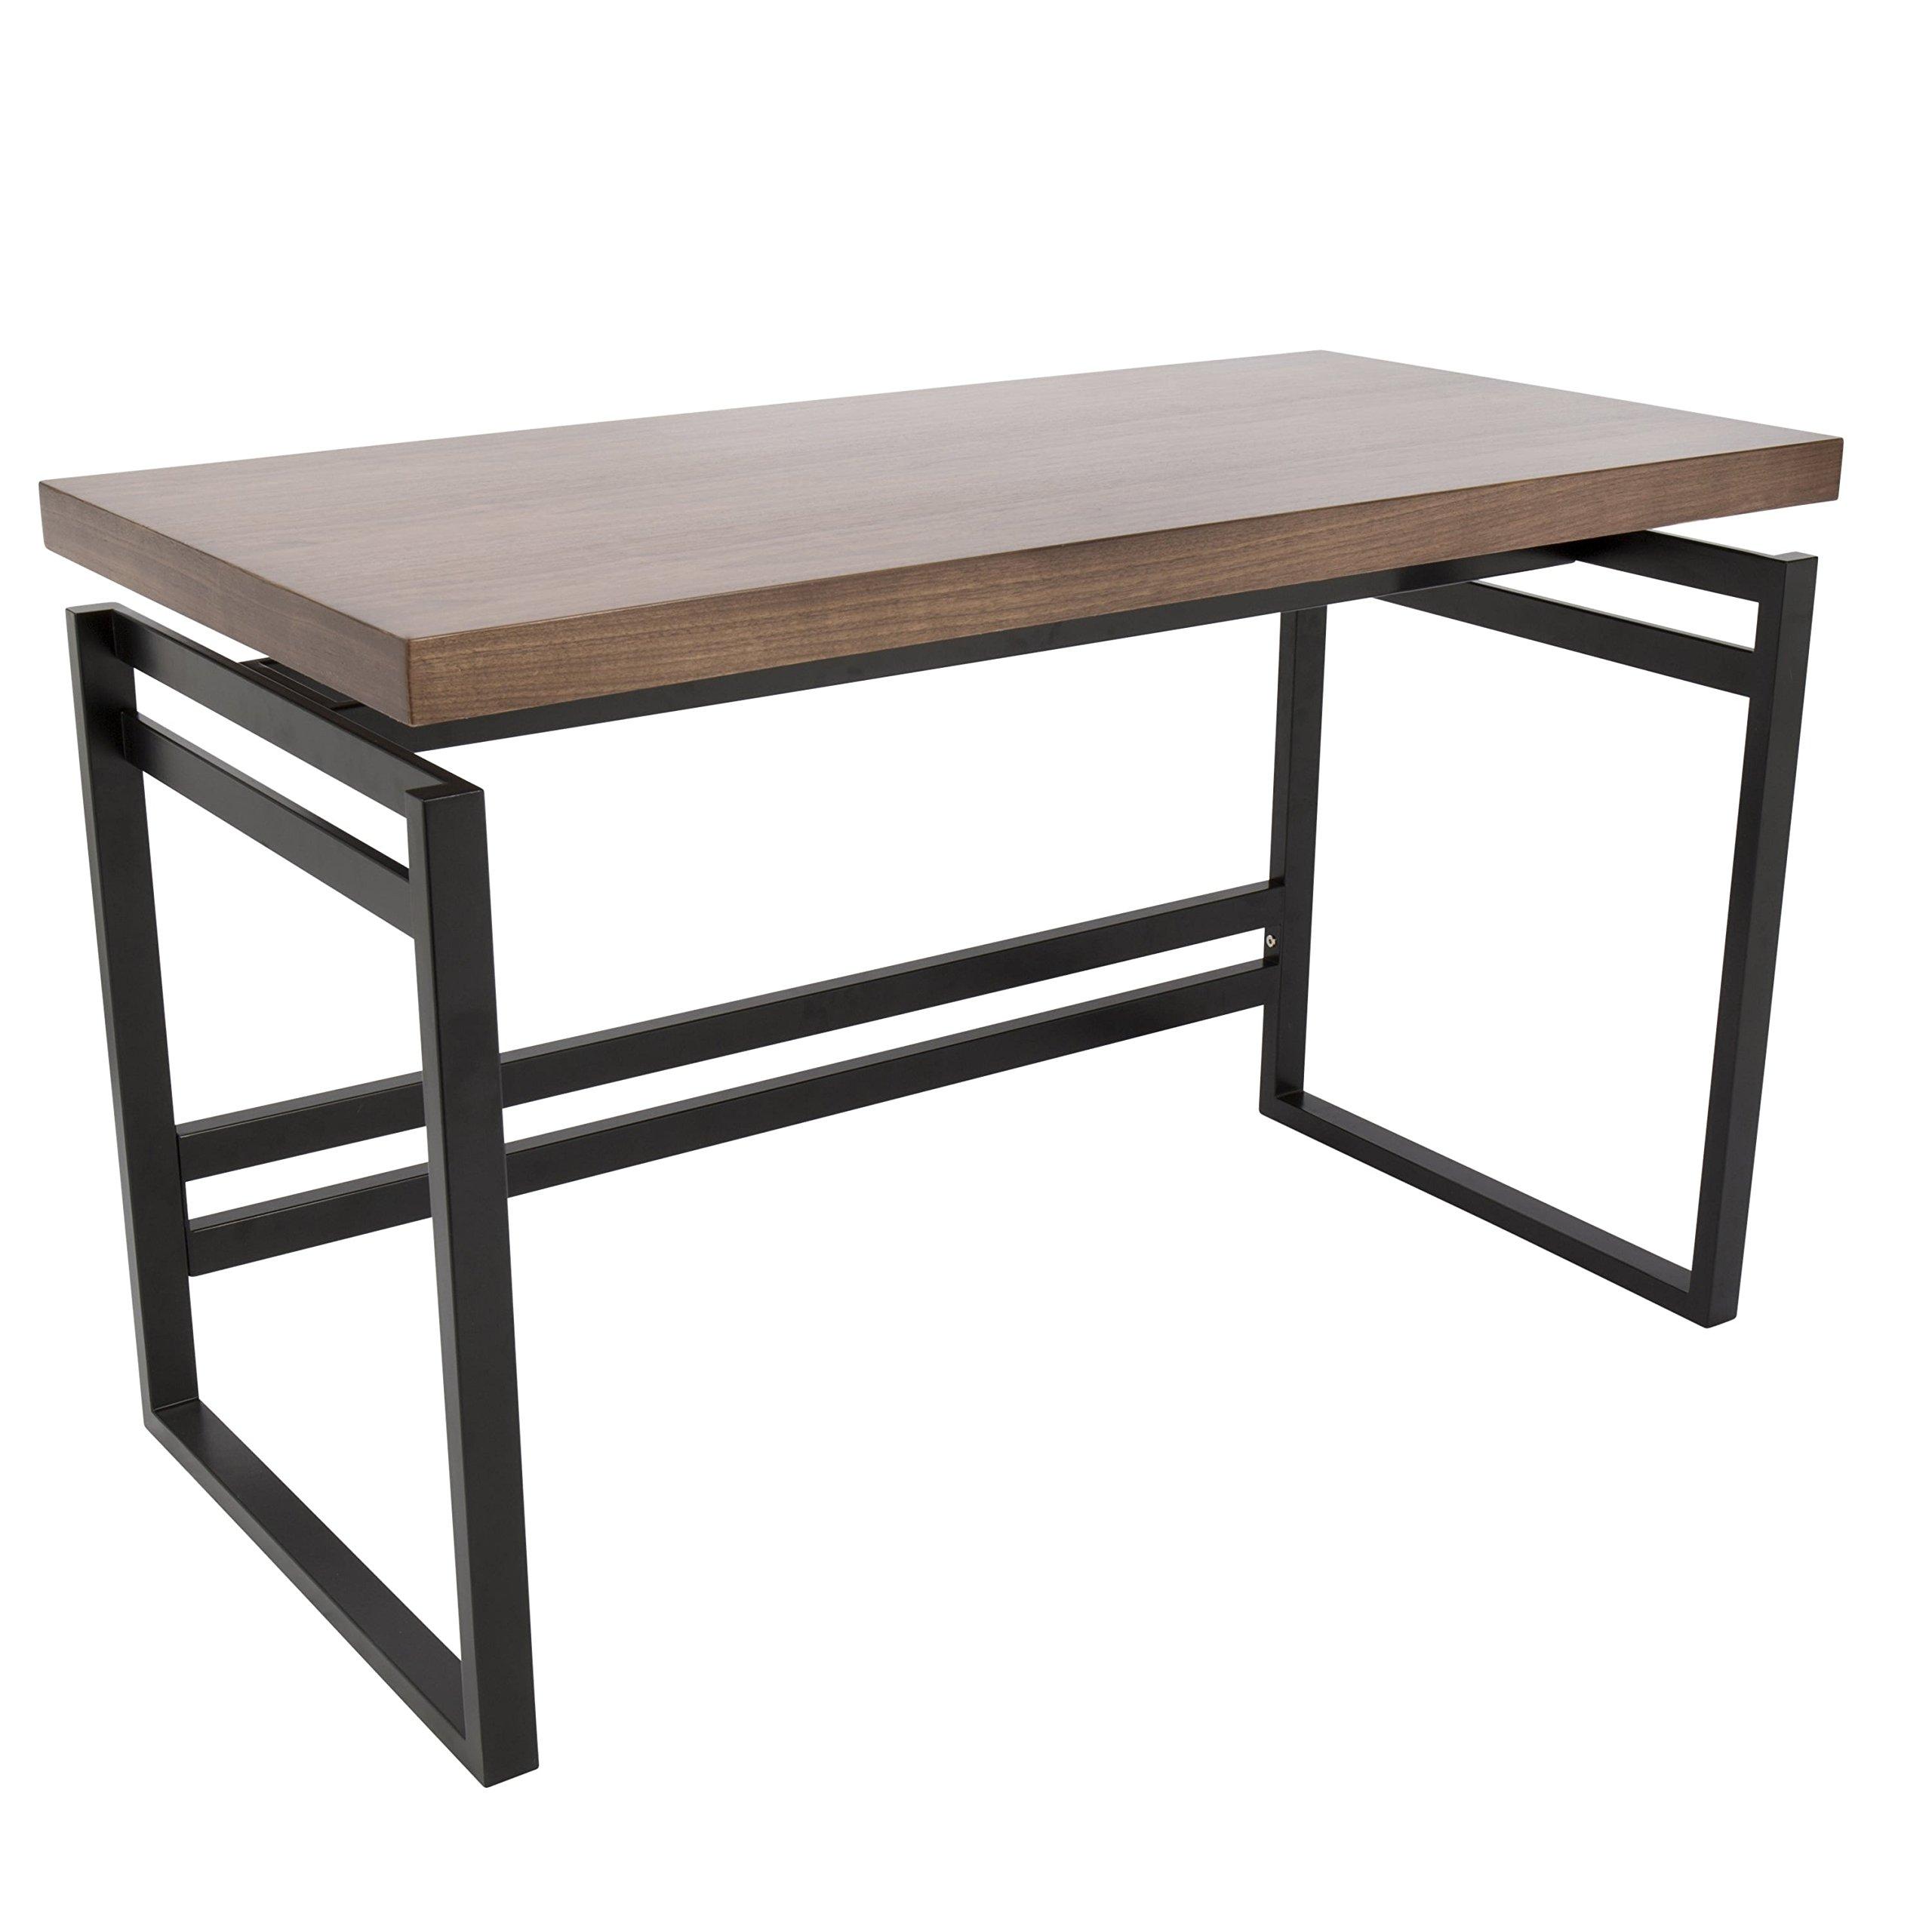 WOYBR OFD-DRFT BK+WL Drift Desks